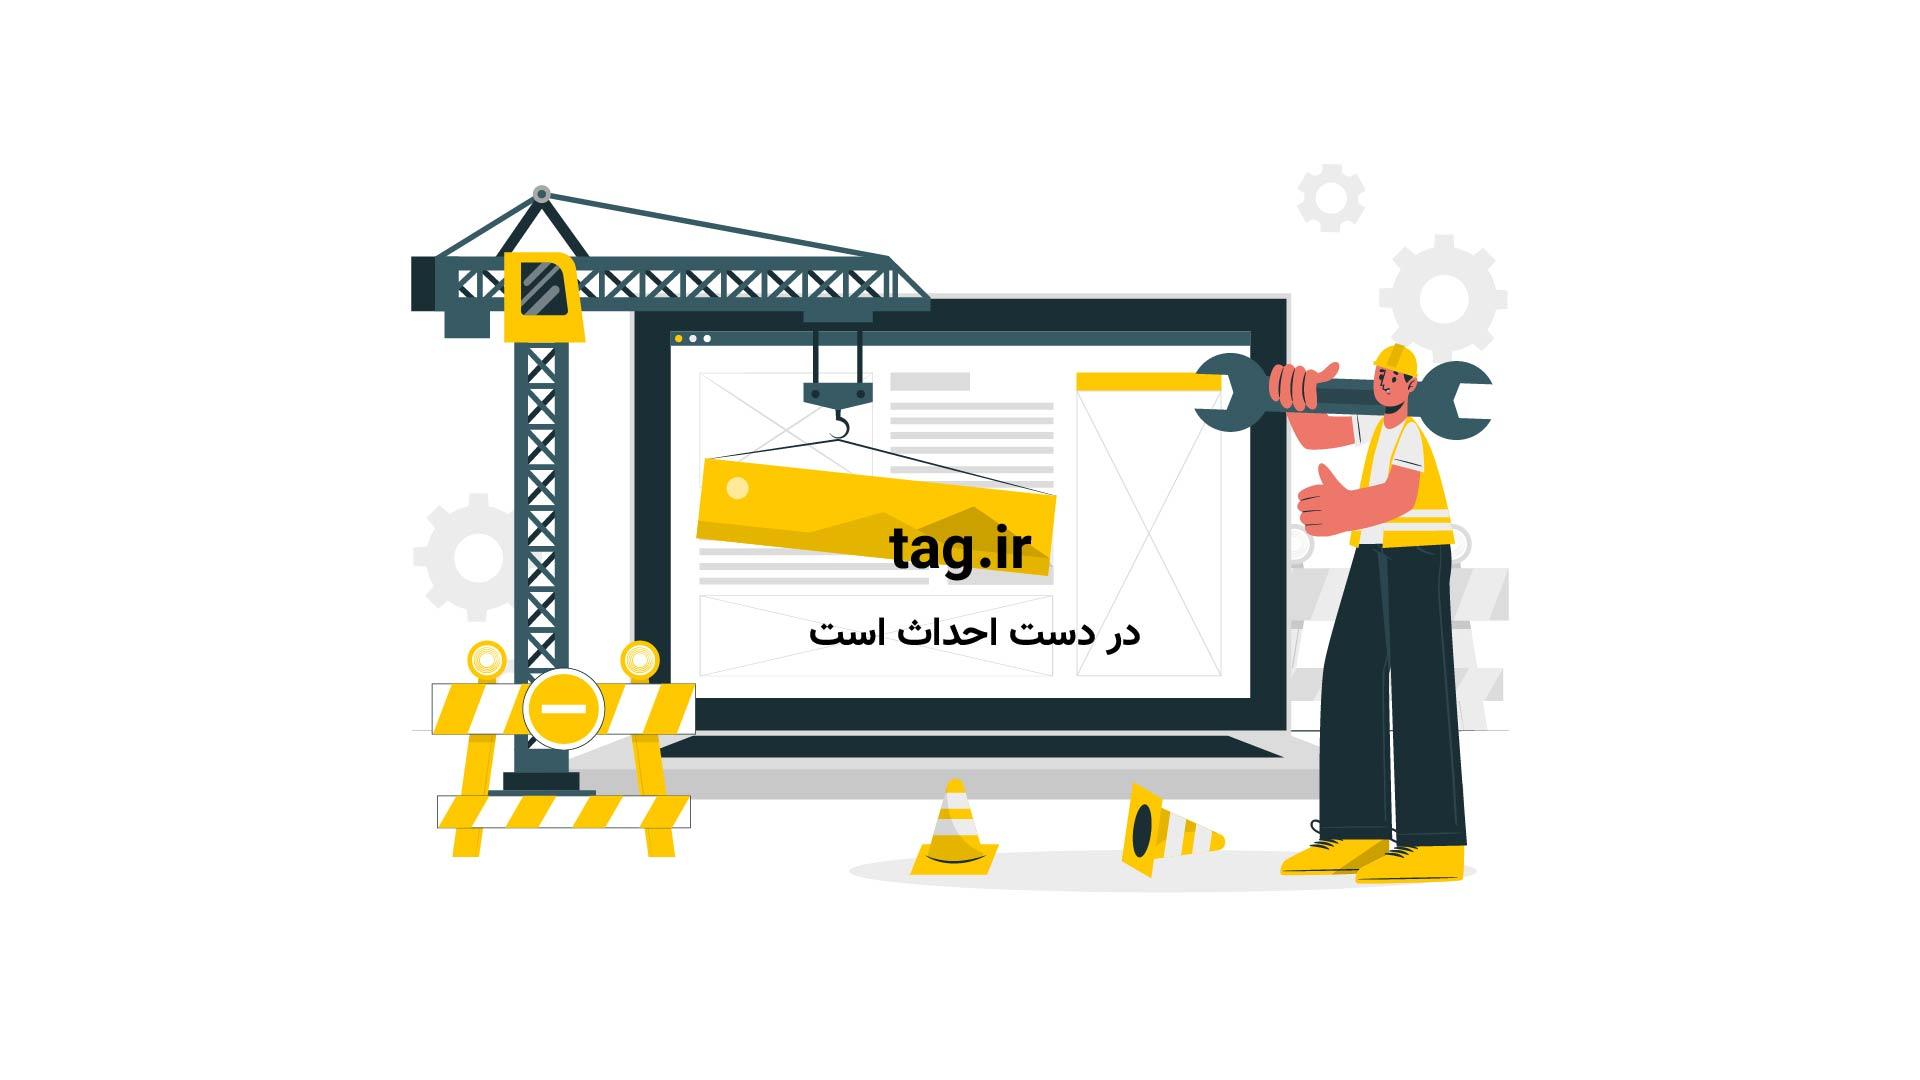 کلیپ جالب از اختاپوس نارگیلی که به صدفها علاقه دارد|تگ